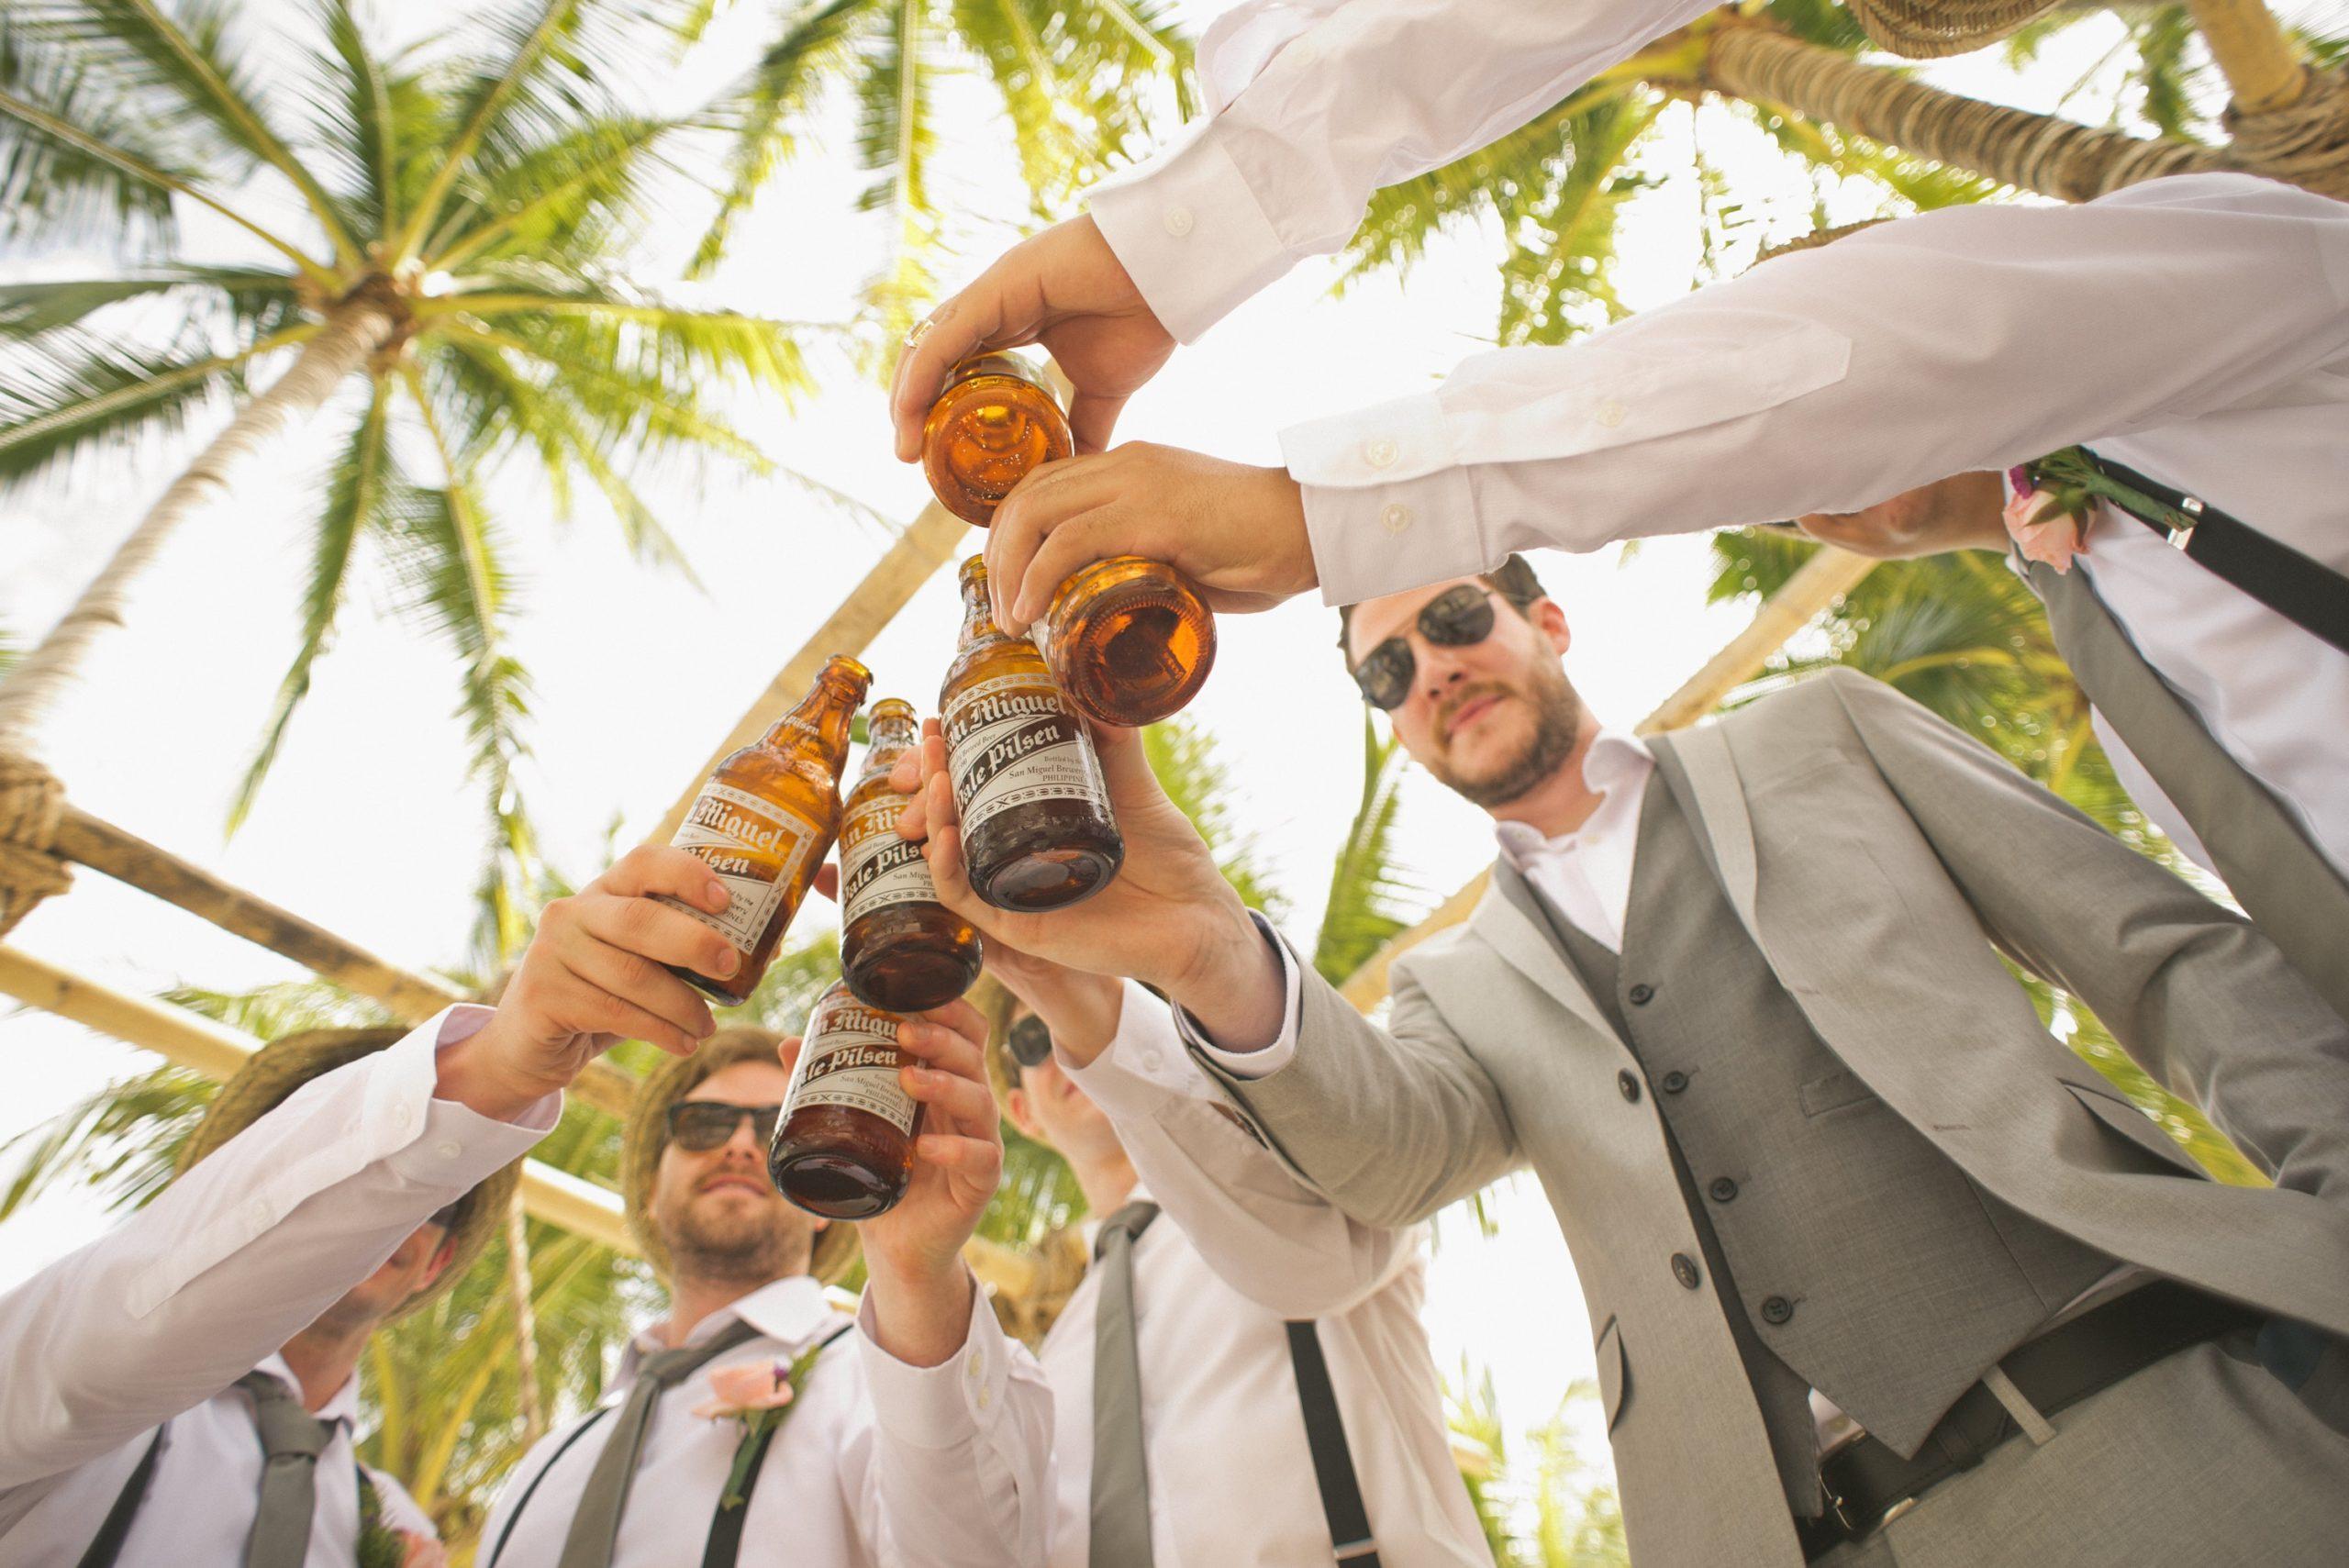 mannen in pak met bierflesjes